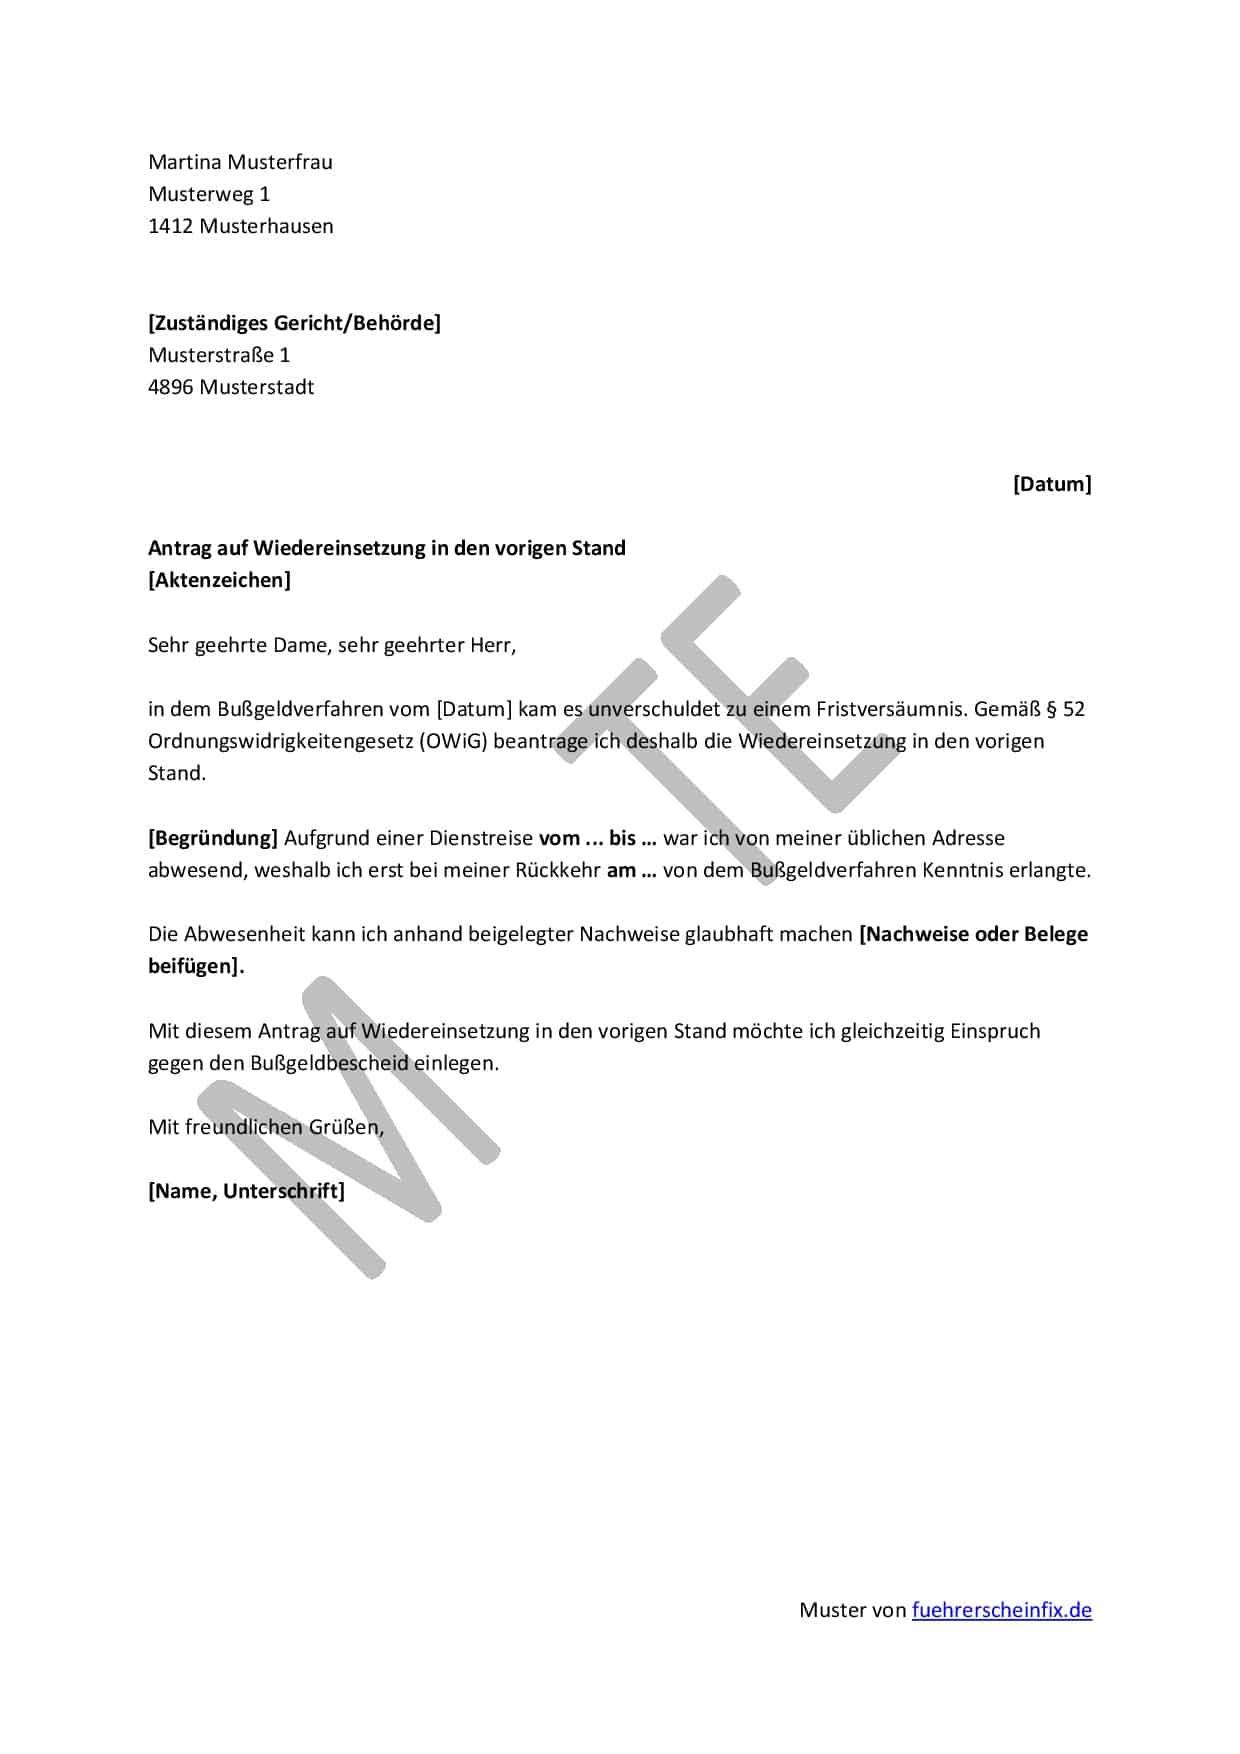 antrag auf wiedereinsetzung in den vorigen stand muster - Einspruch Gegen Busgeldbescheid Muster